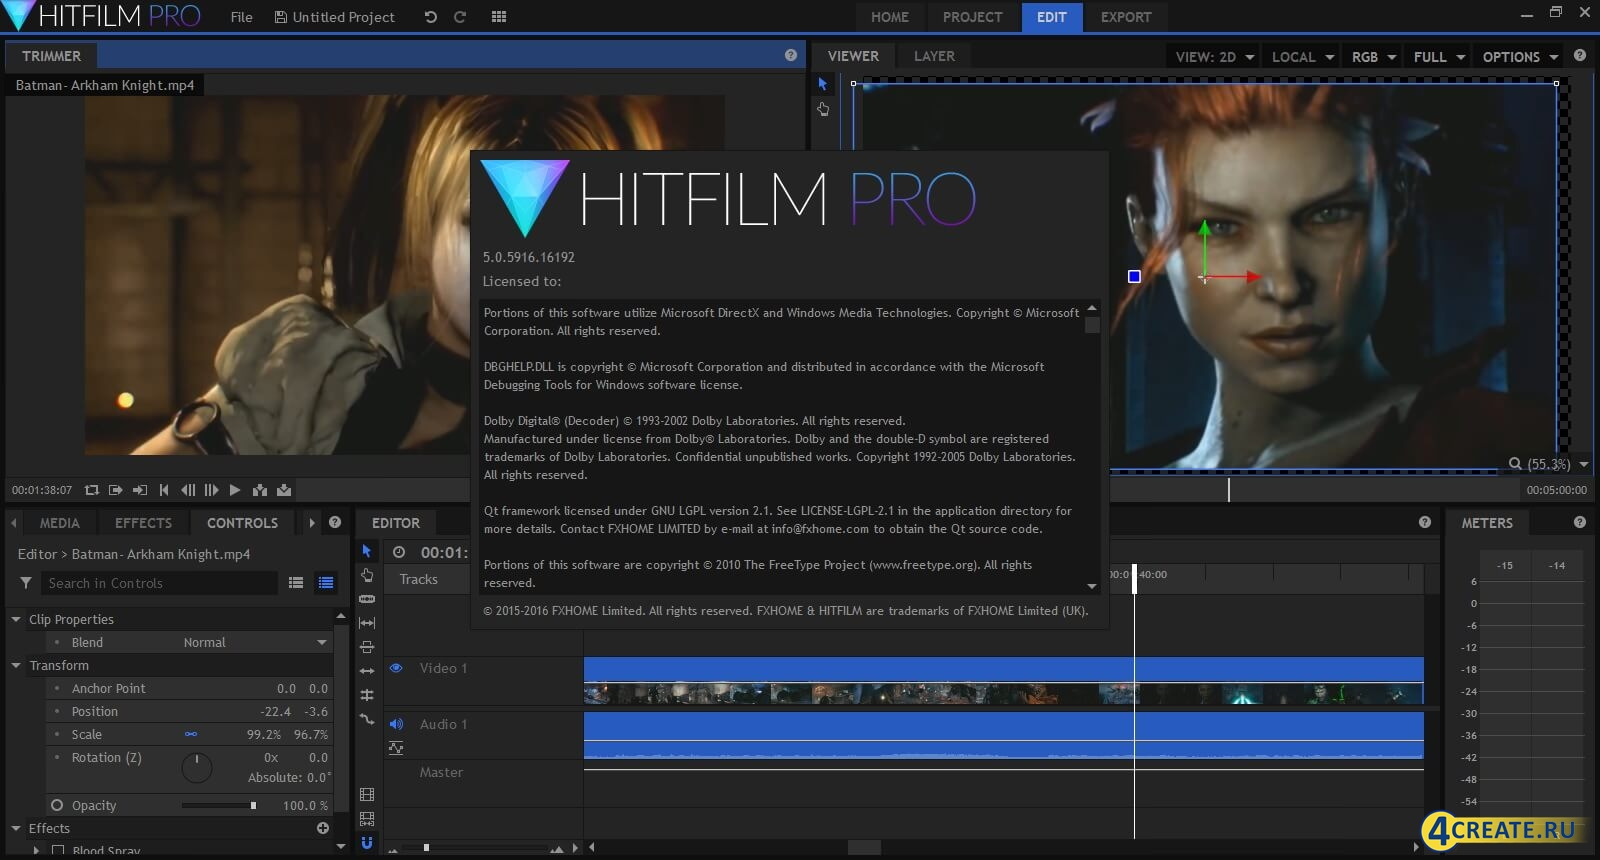 HitFilm Pro 5.0 (Скриншот 1)